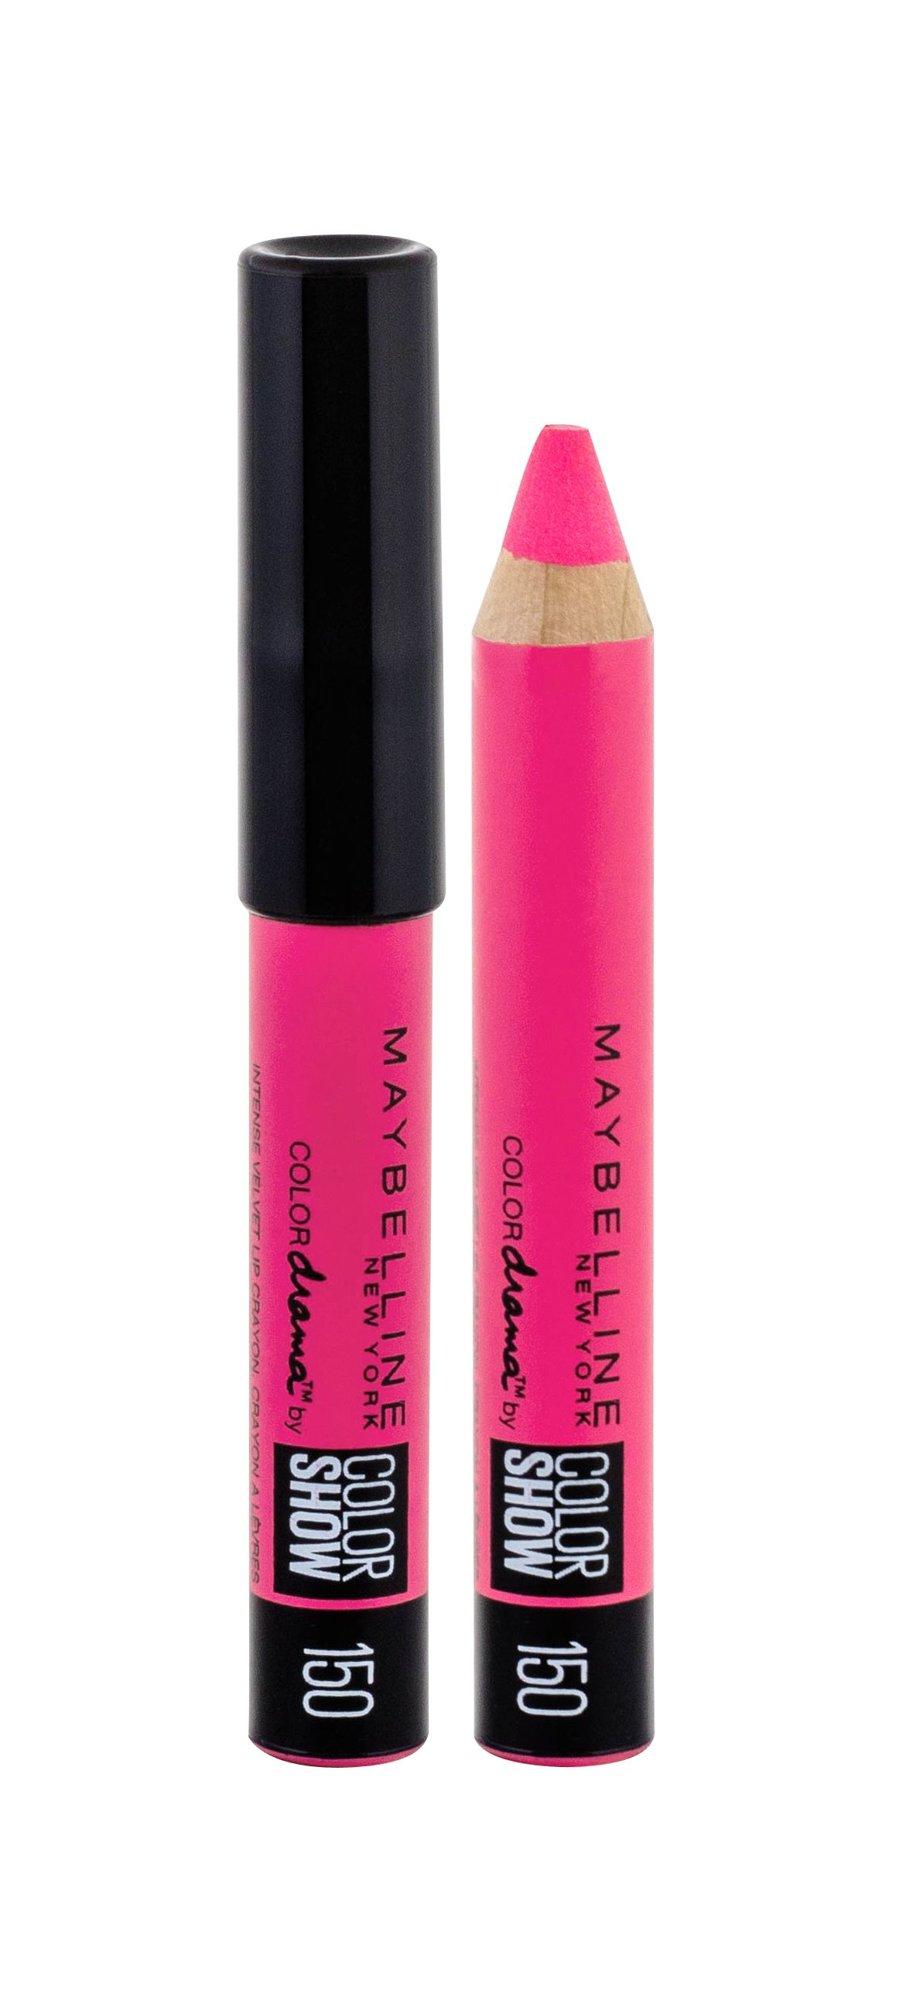 Maybelline Color Drama Intense Velvet Lip Pencil Cosmetic 2g 150 Fuchsia Desire